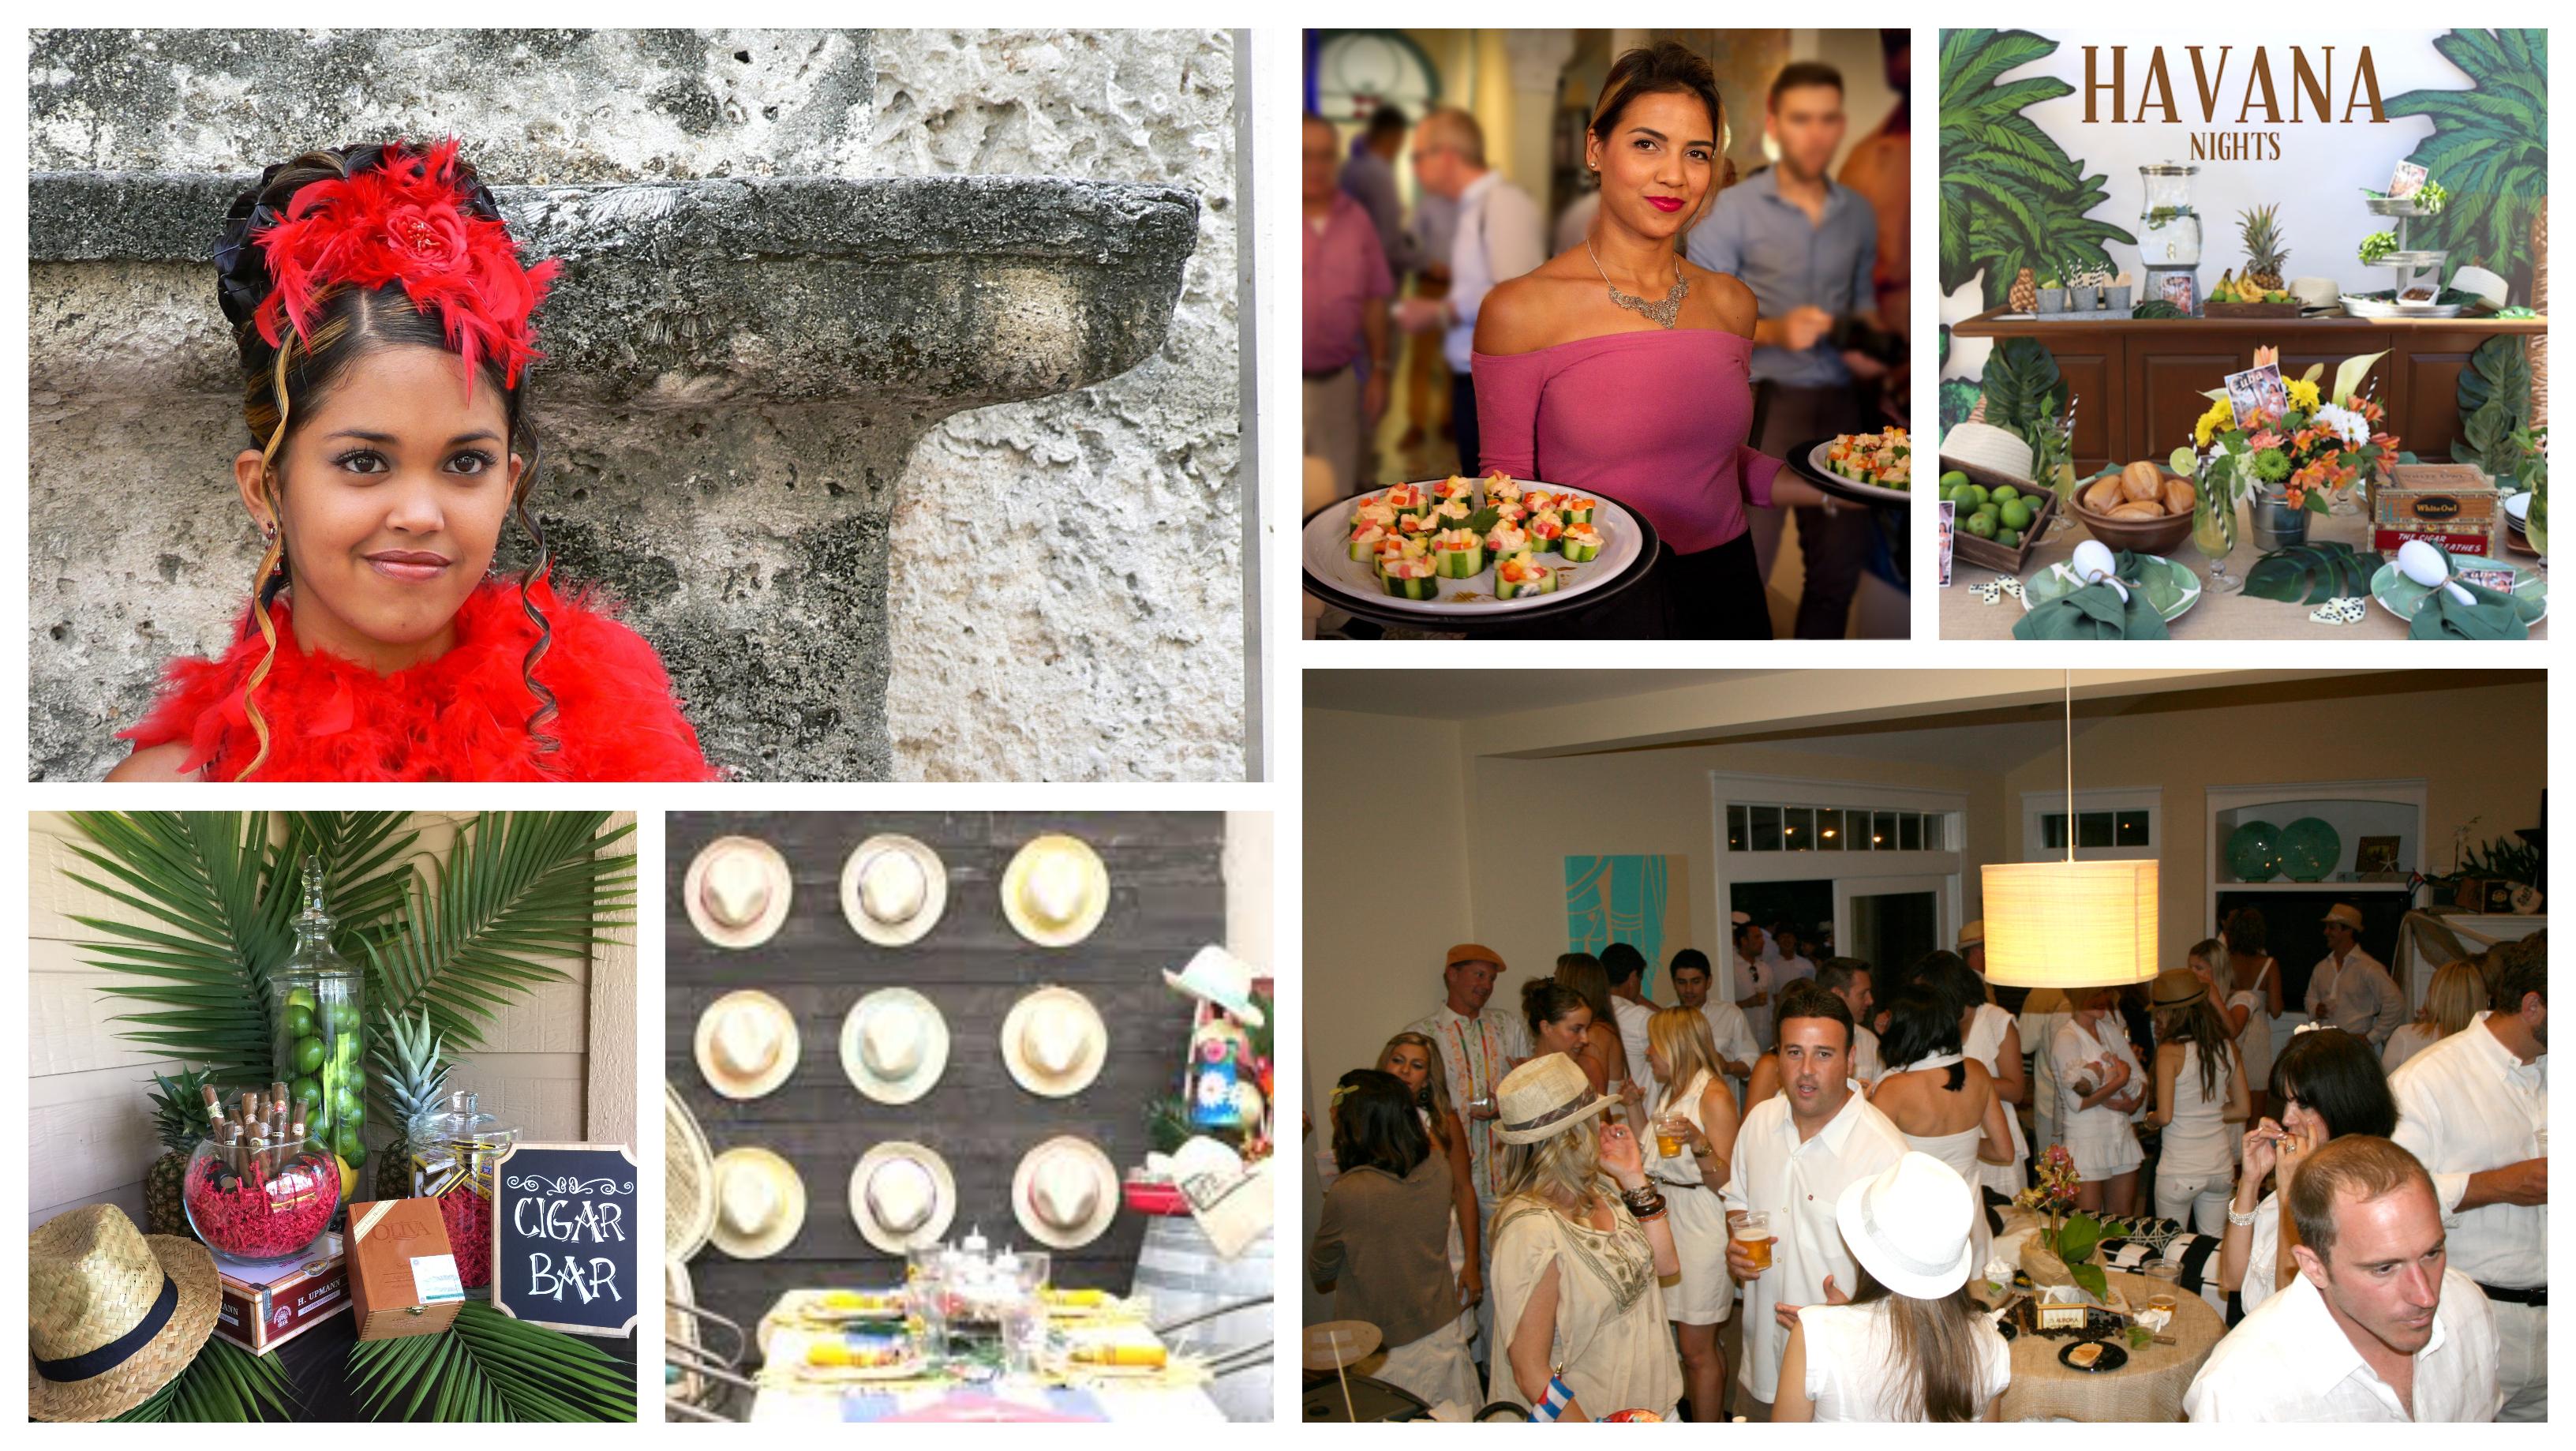 Soirée déguisée sur le thème de Cuba, Havana nights decoration, idée comment organiser une soirée déguisée, soiree a theme